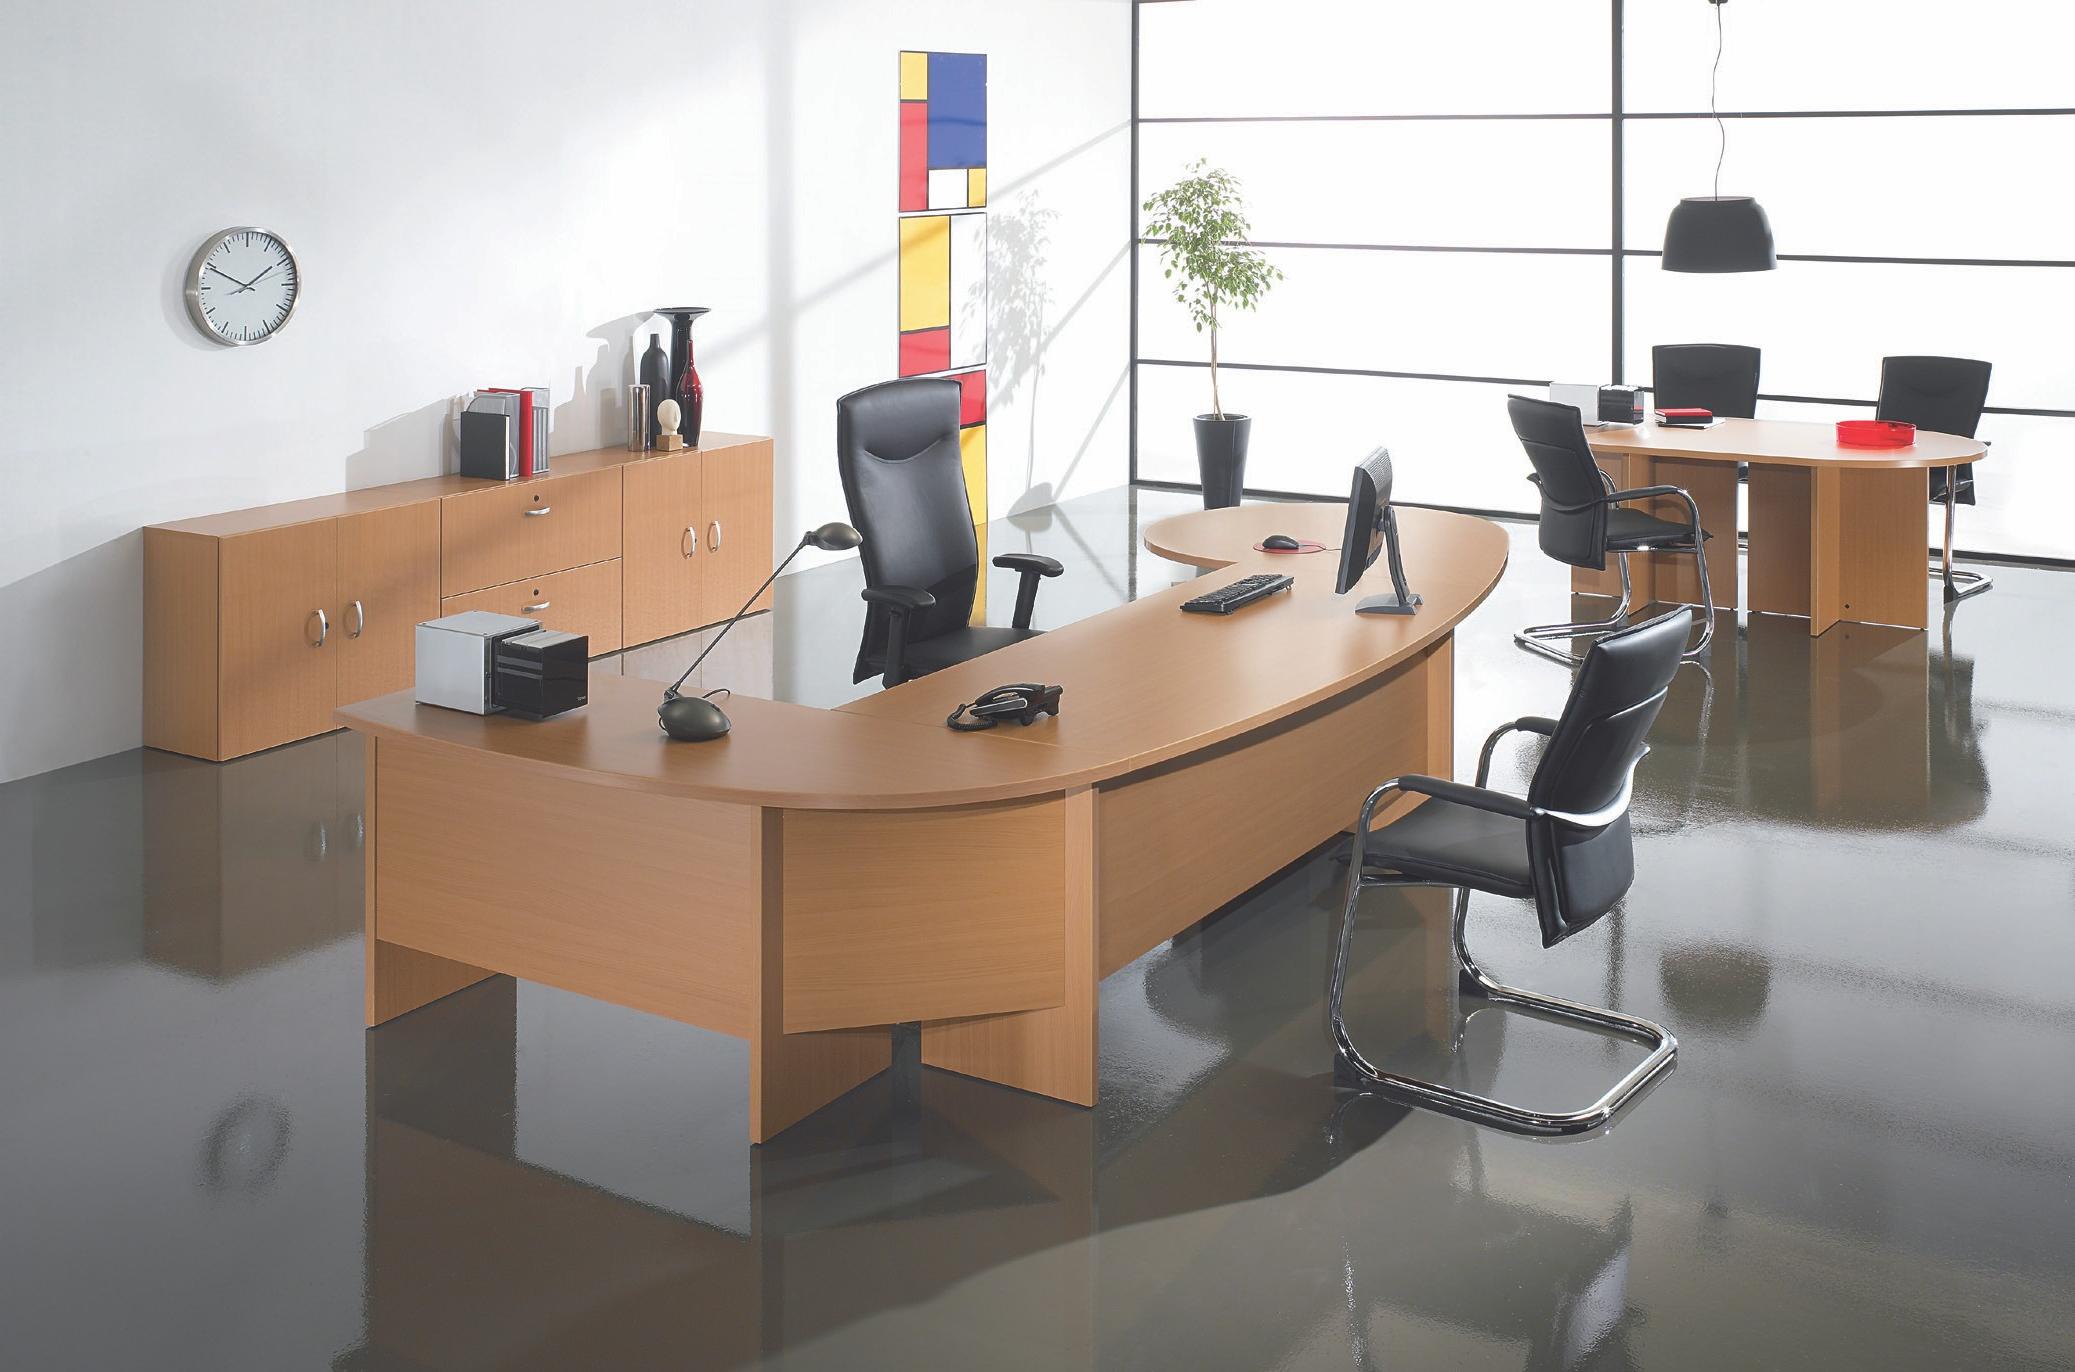 Mobiliario Oficina 3ldq Mobiliario De Oficina Serie E3 Muebles De Oficina Serie E